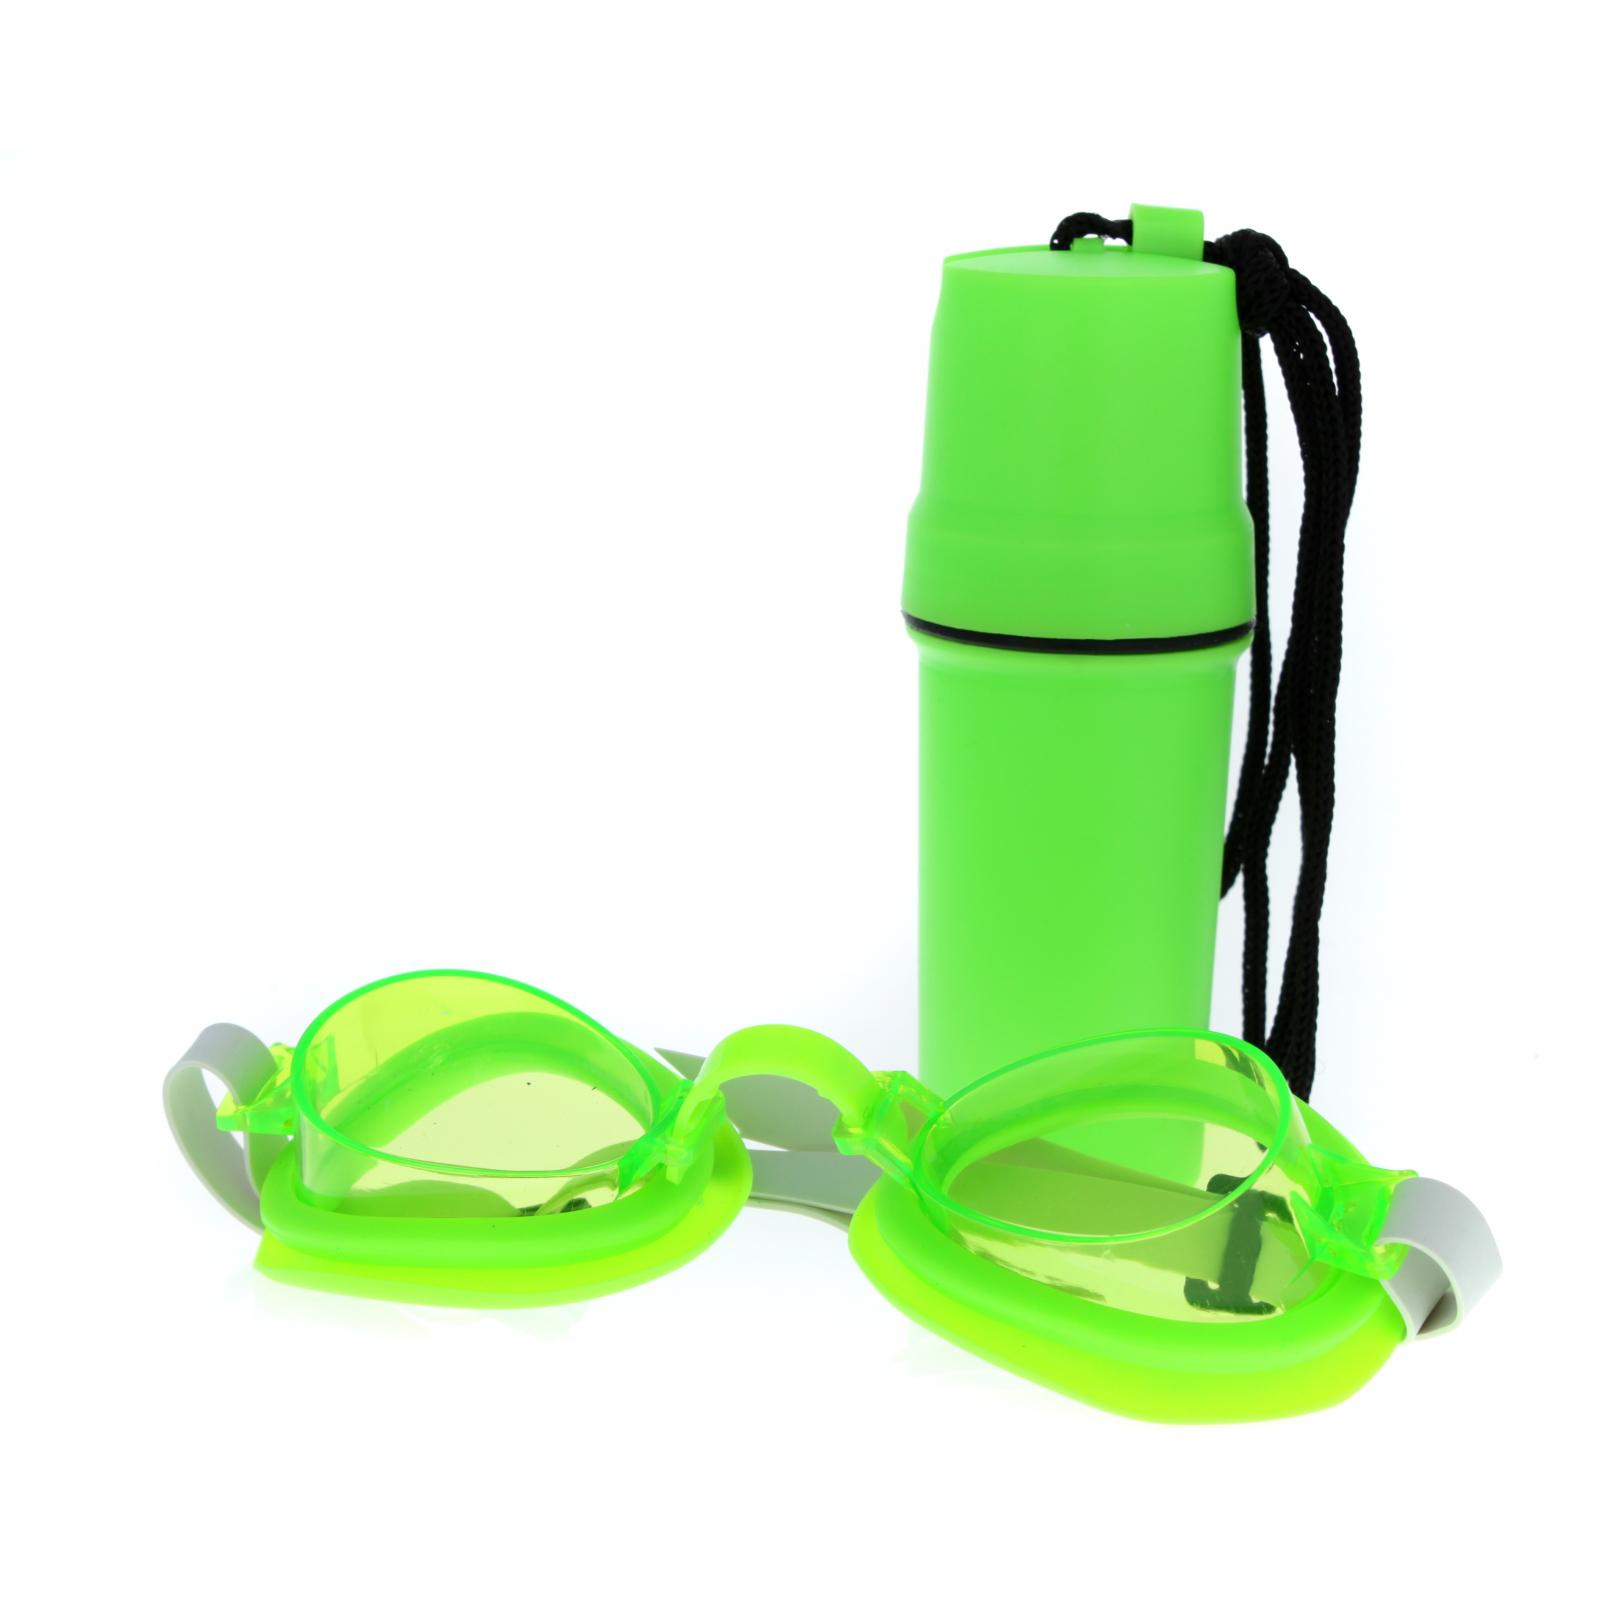 Kidplokio Kids Swimming Goggles Childrens Swimwear - Green